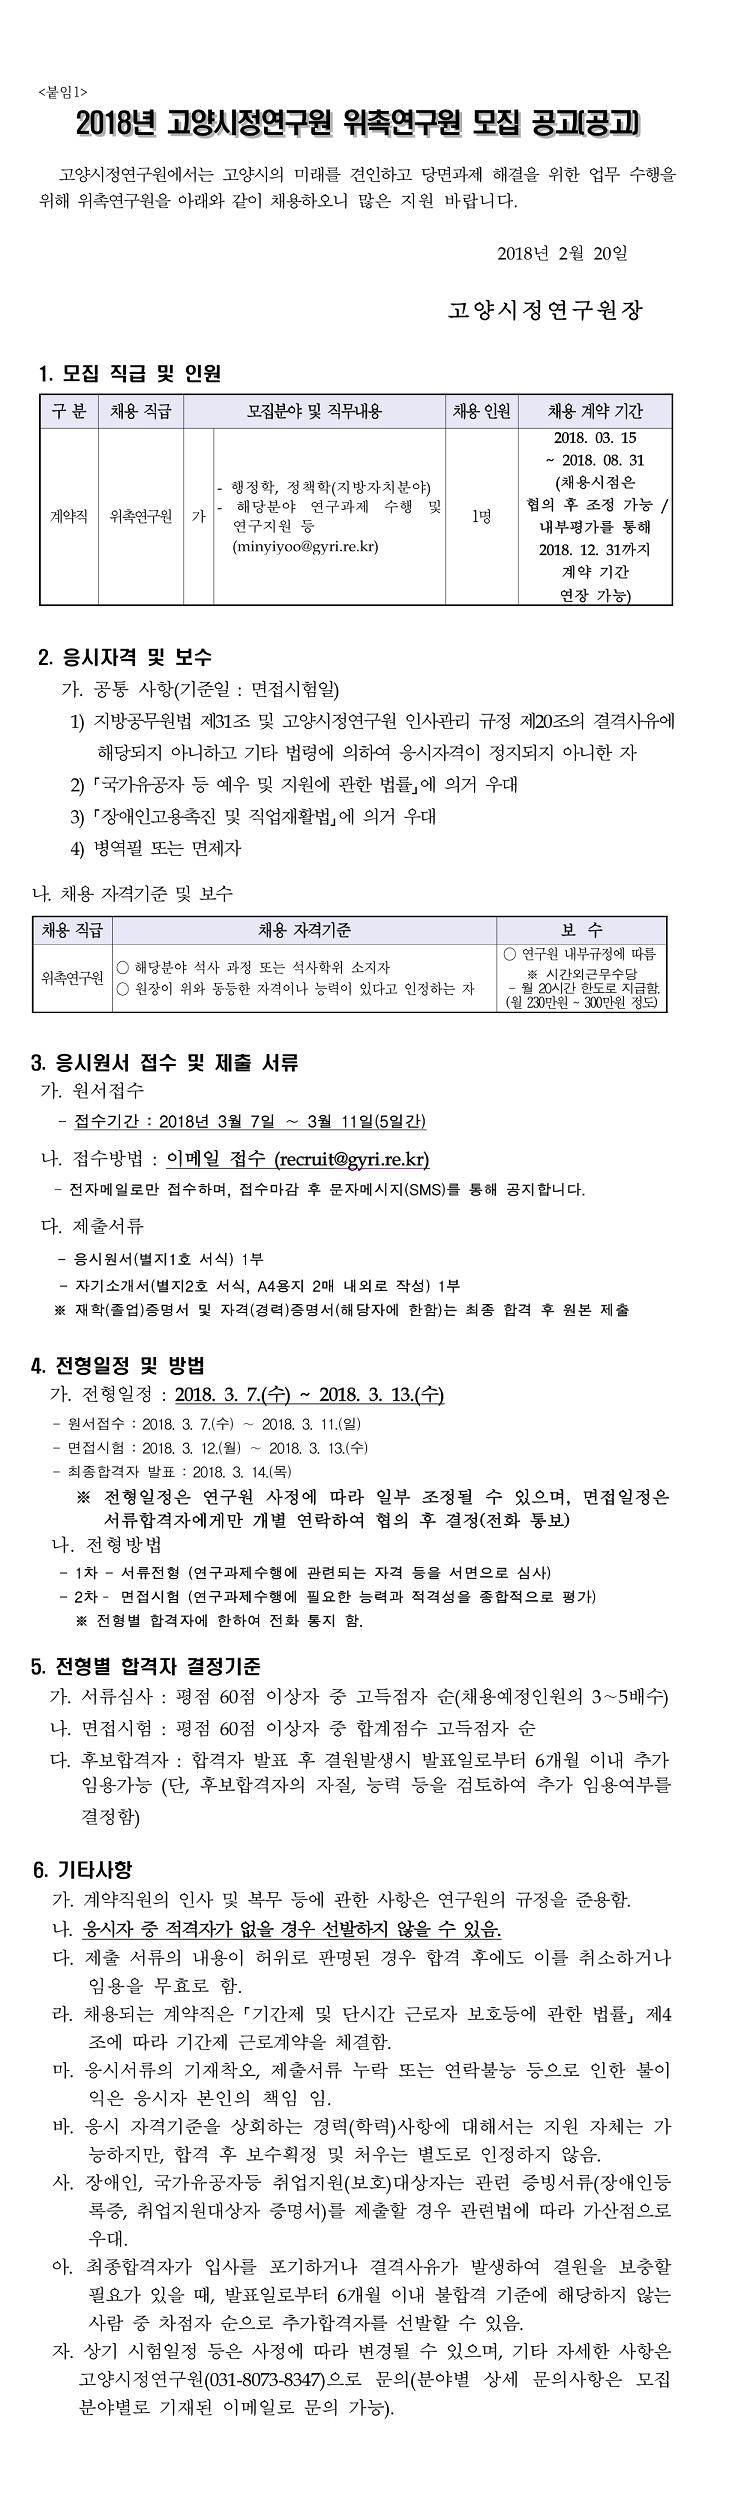 2018 부서위촉채용공고-1.jpg